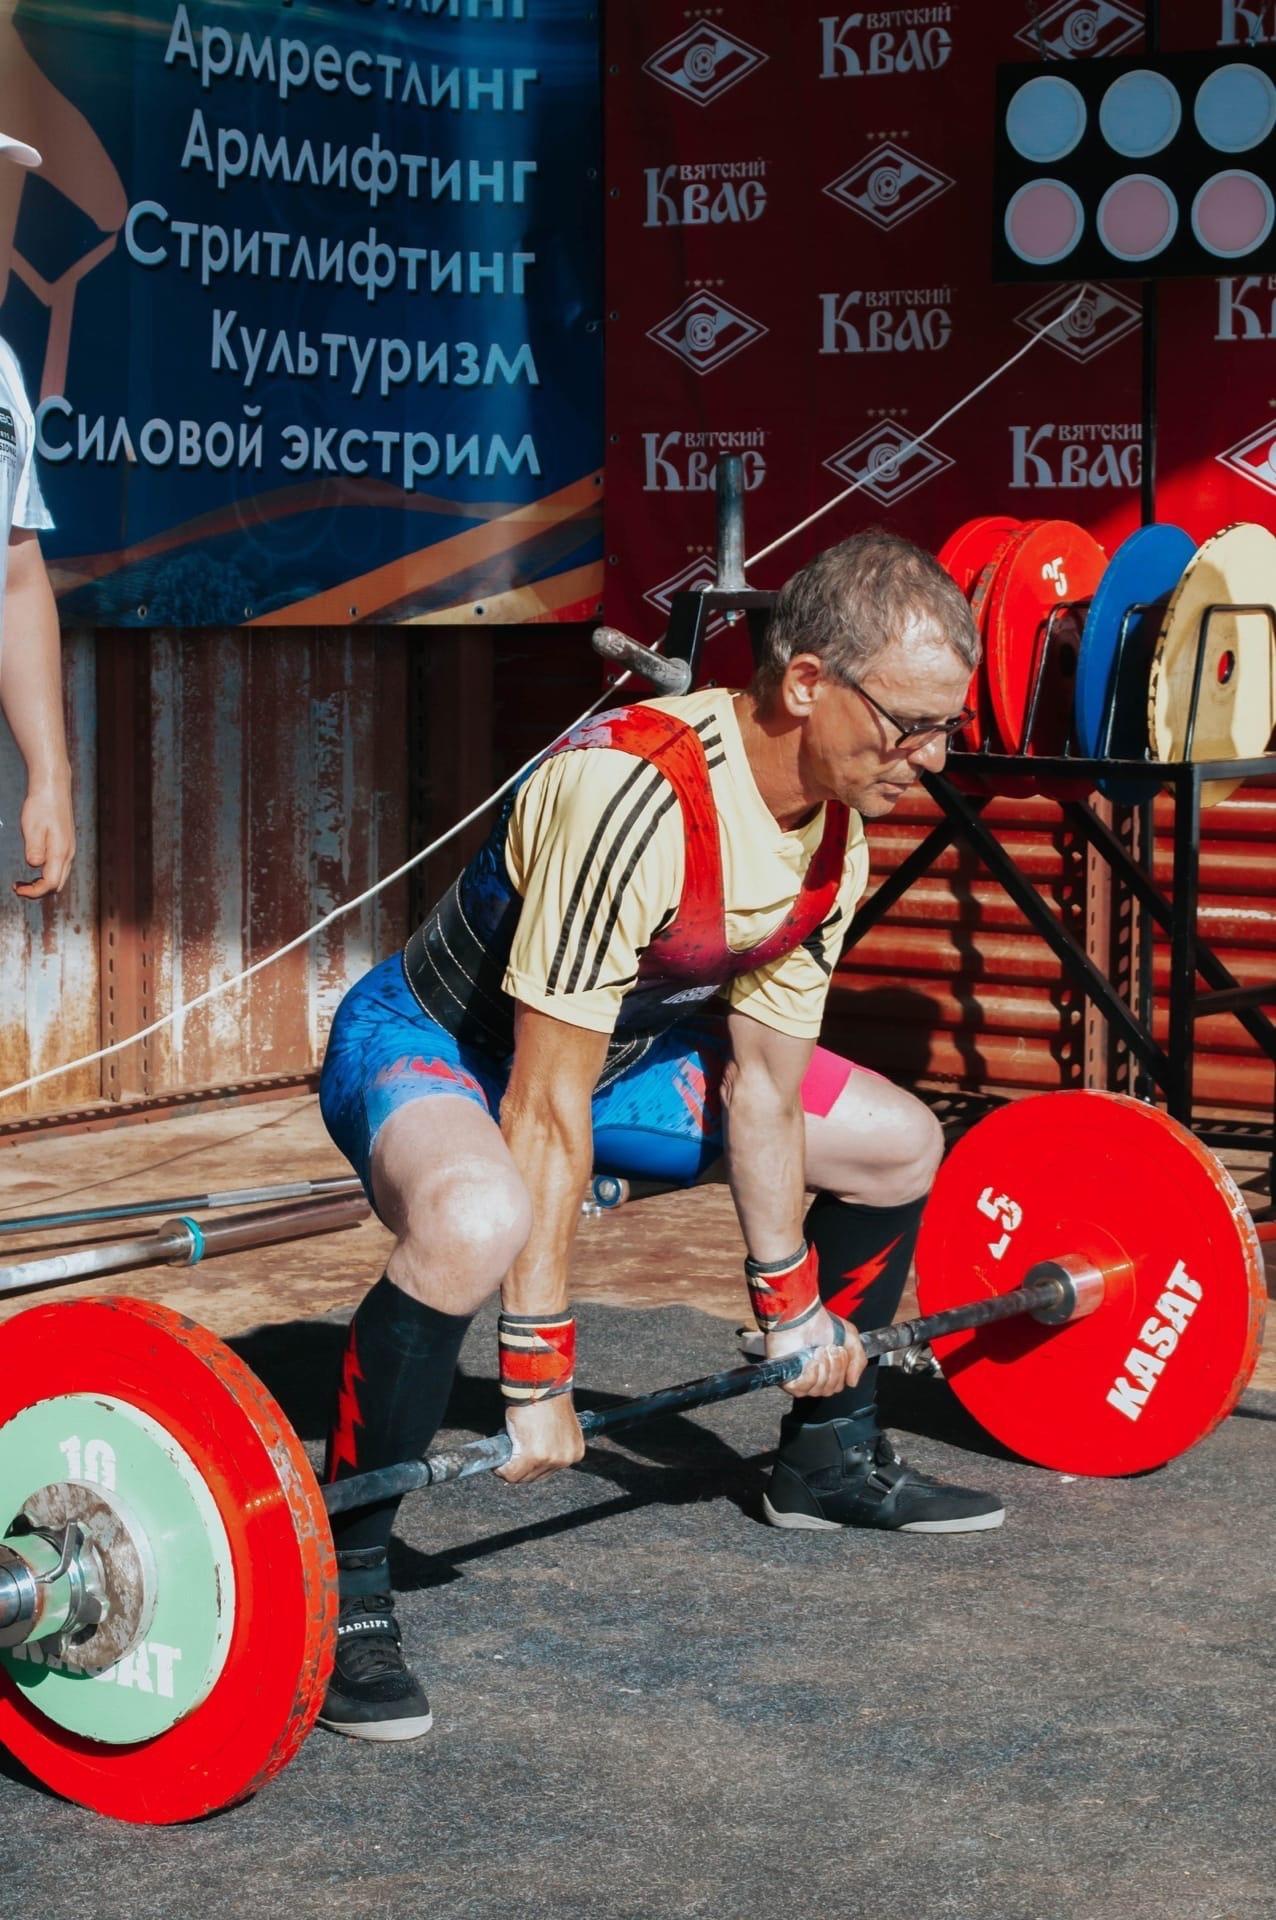 Вячеслав Ельцов из Удмуртии взял золото на